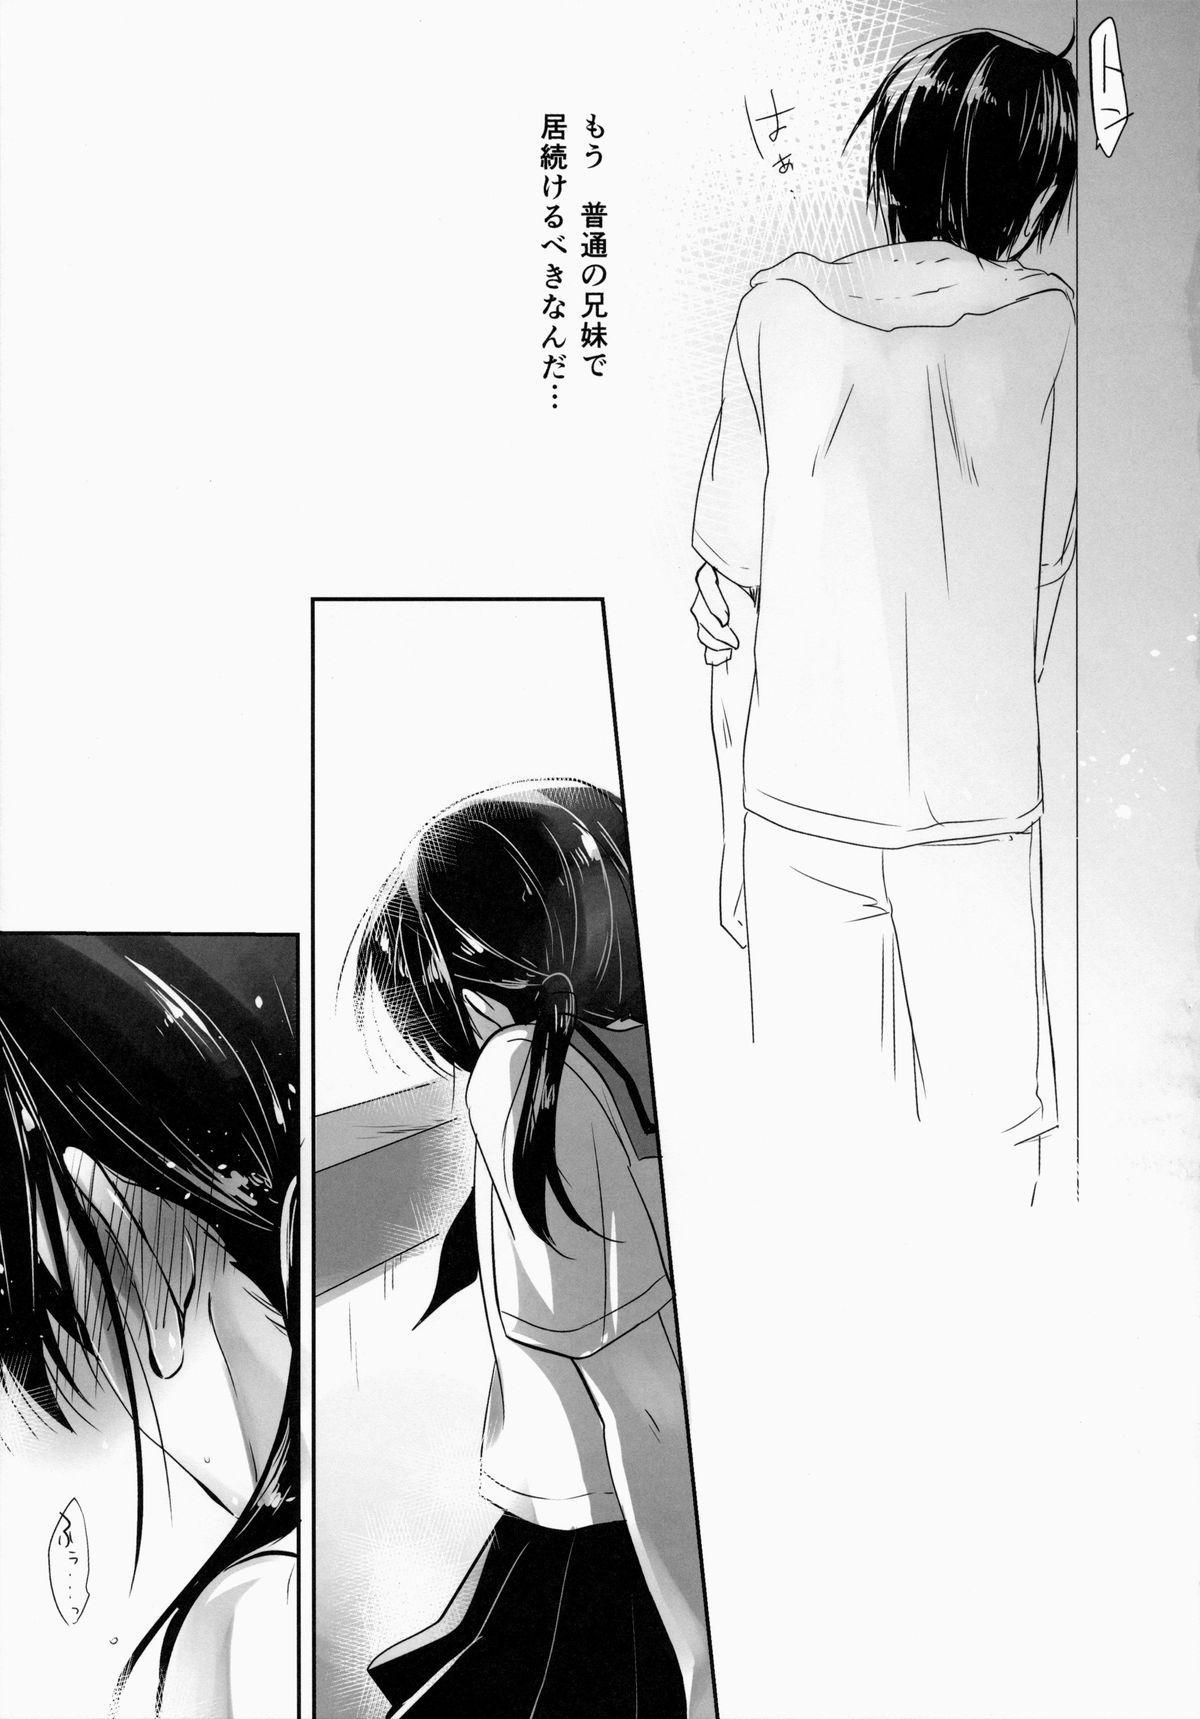 Oyasumi Sex am2:00 10